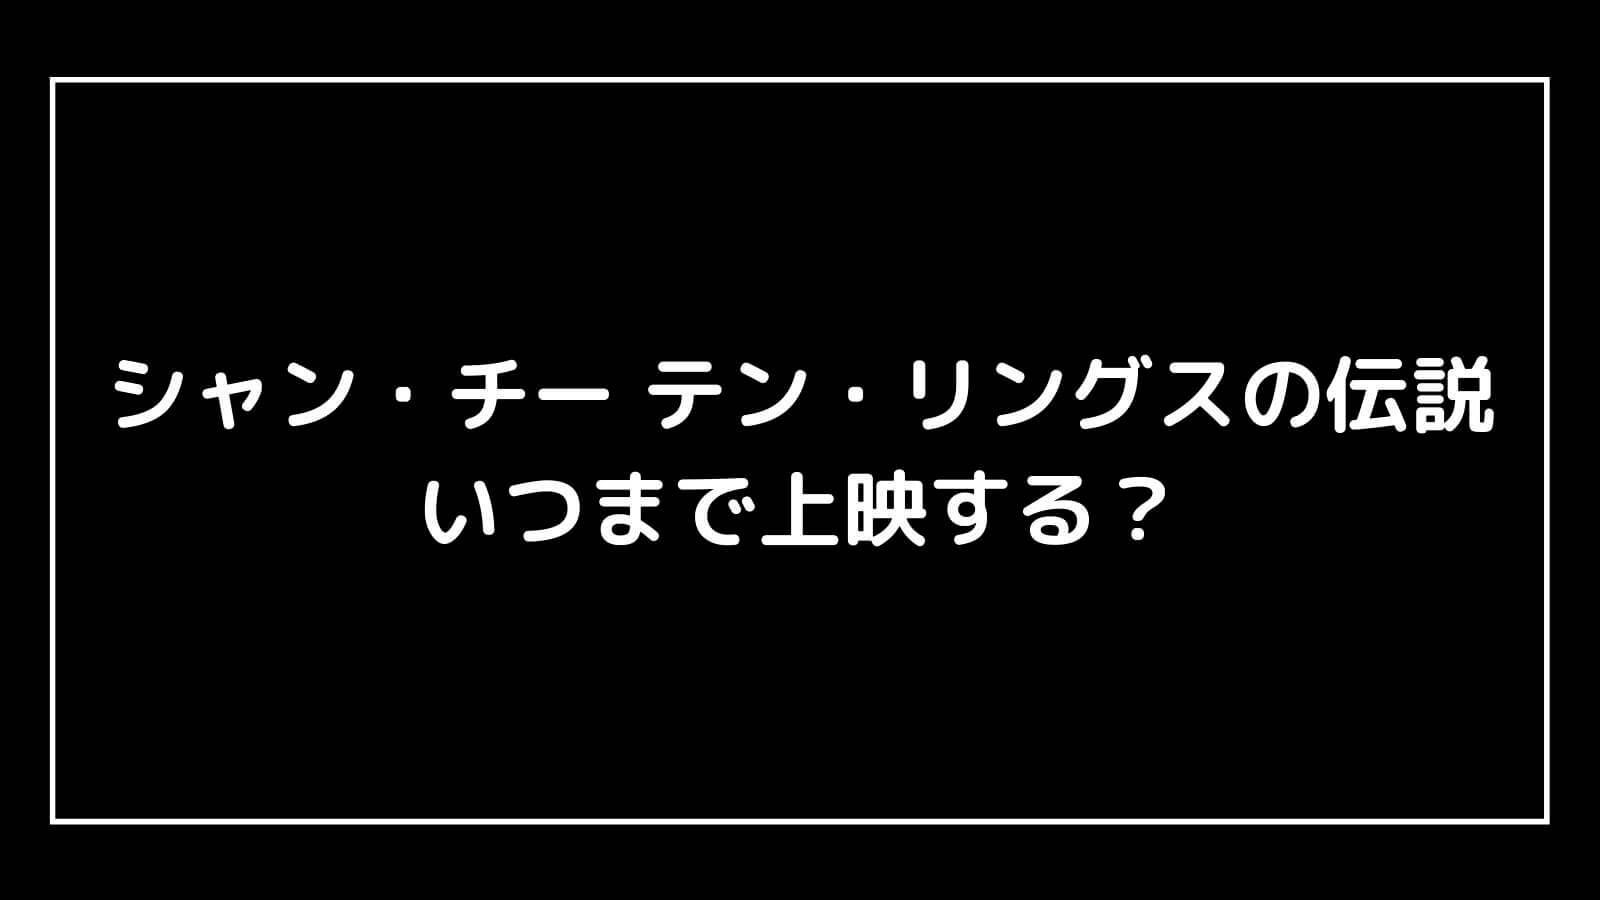 映画『シャン・チー テン・リングスの伝説』はいつまで上映する?元映画館社員が公開期間を予想